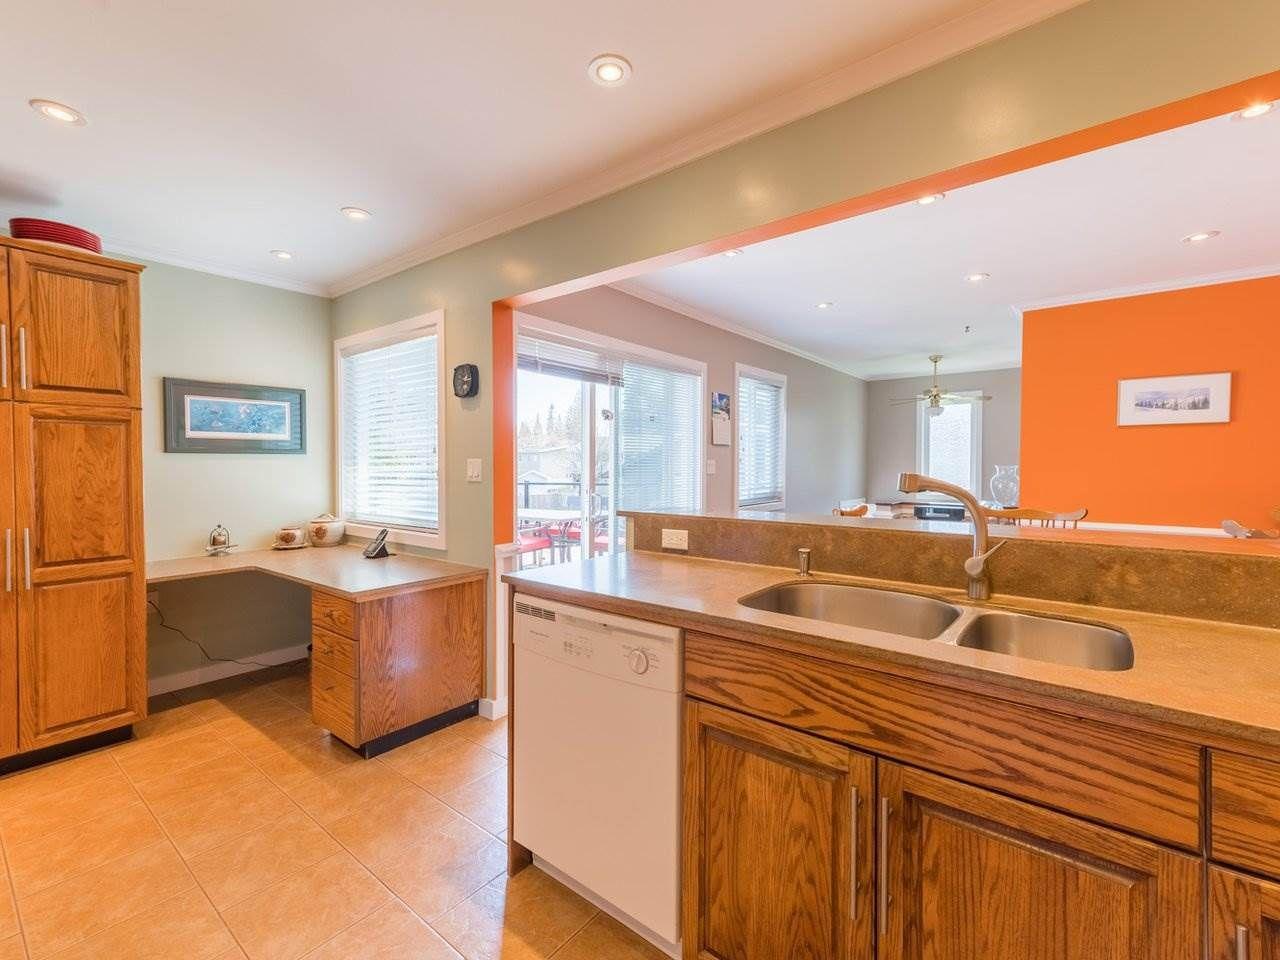 Photo 14: Photos: 808 REGAN Avenue in Coquitlam: Coquitlam West House for sale : MLS®# R2563486